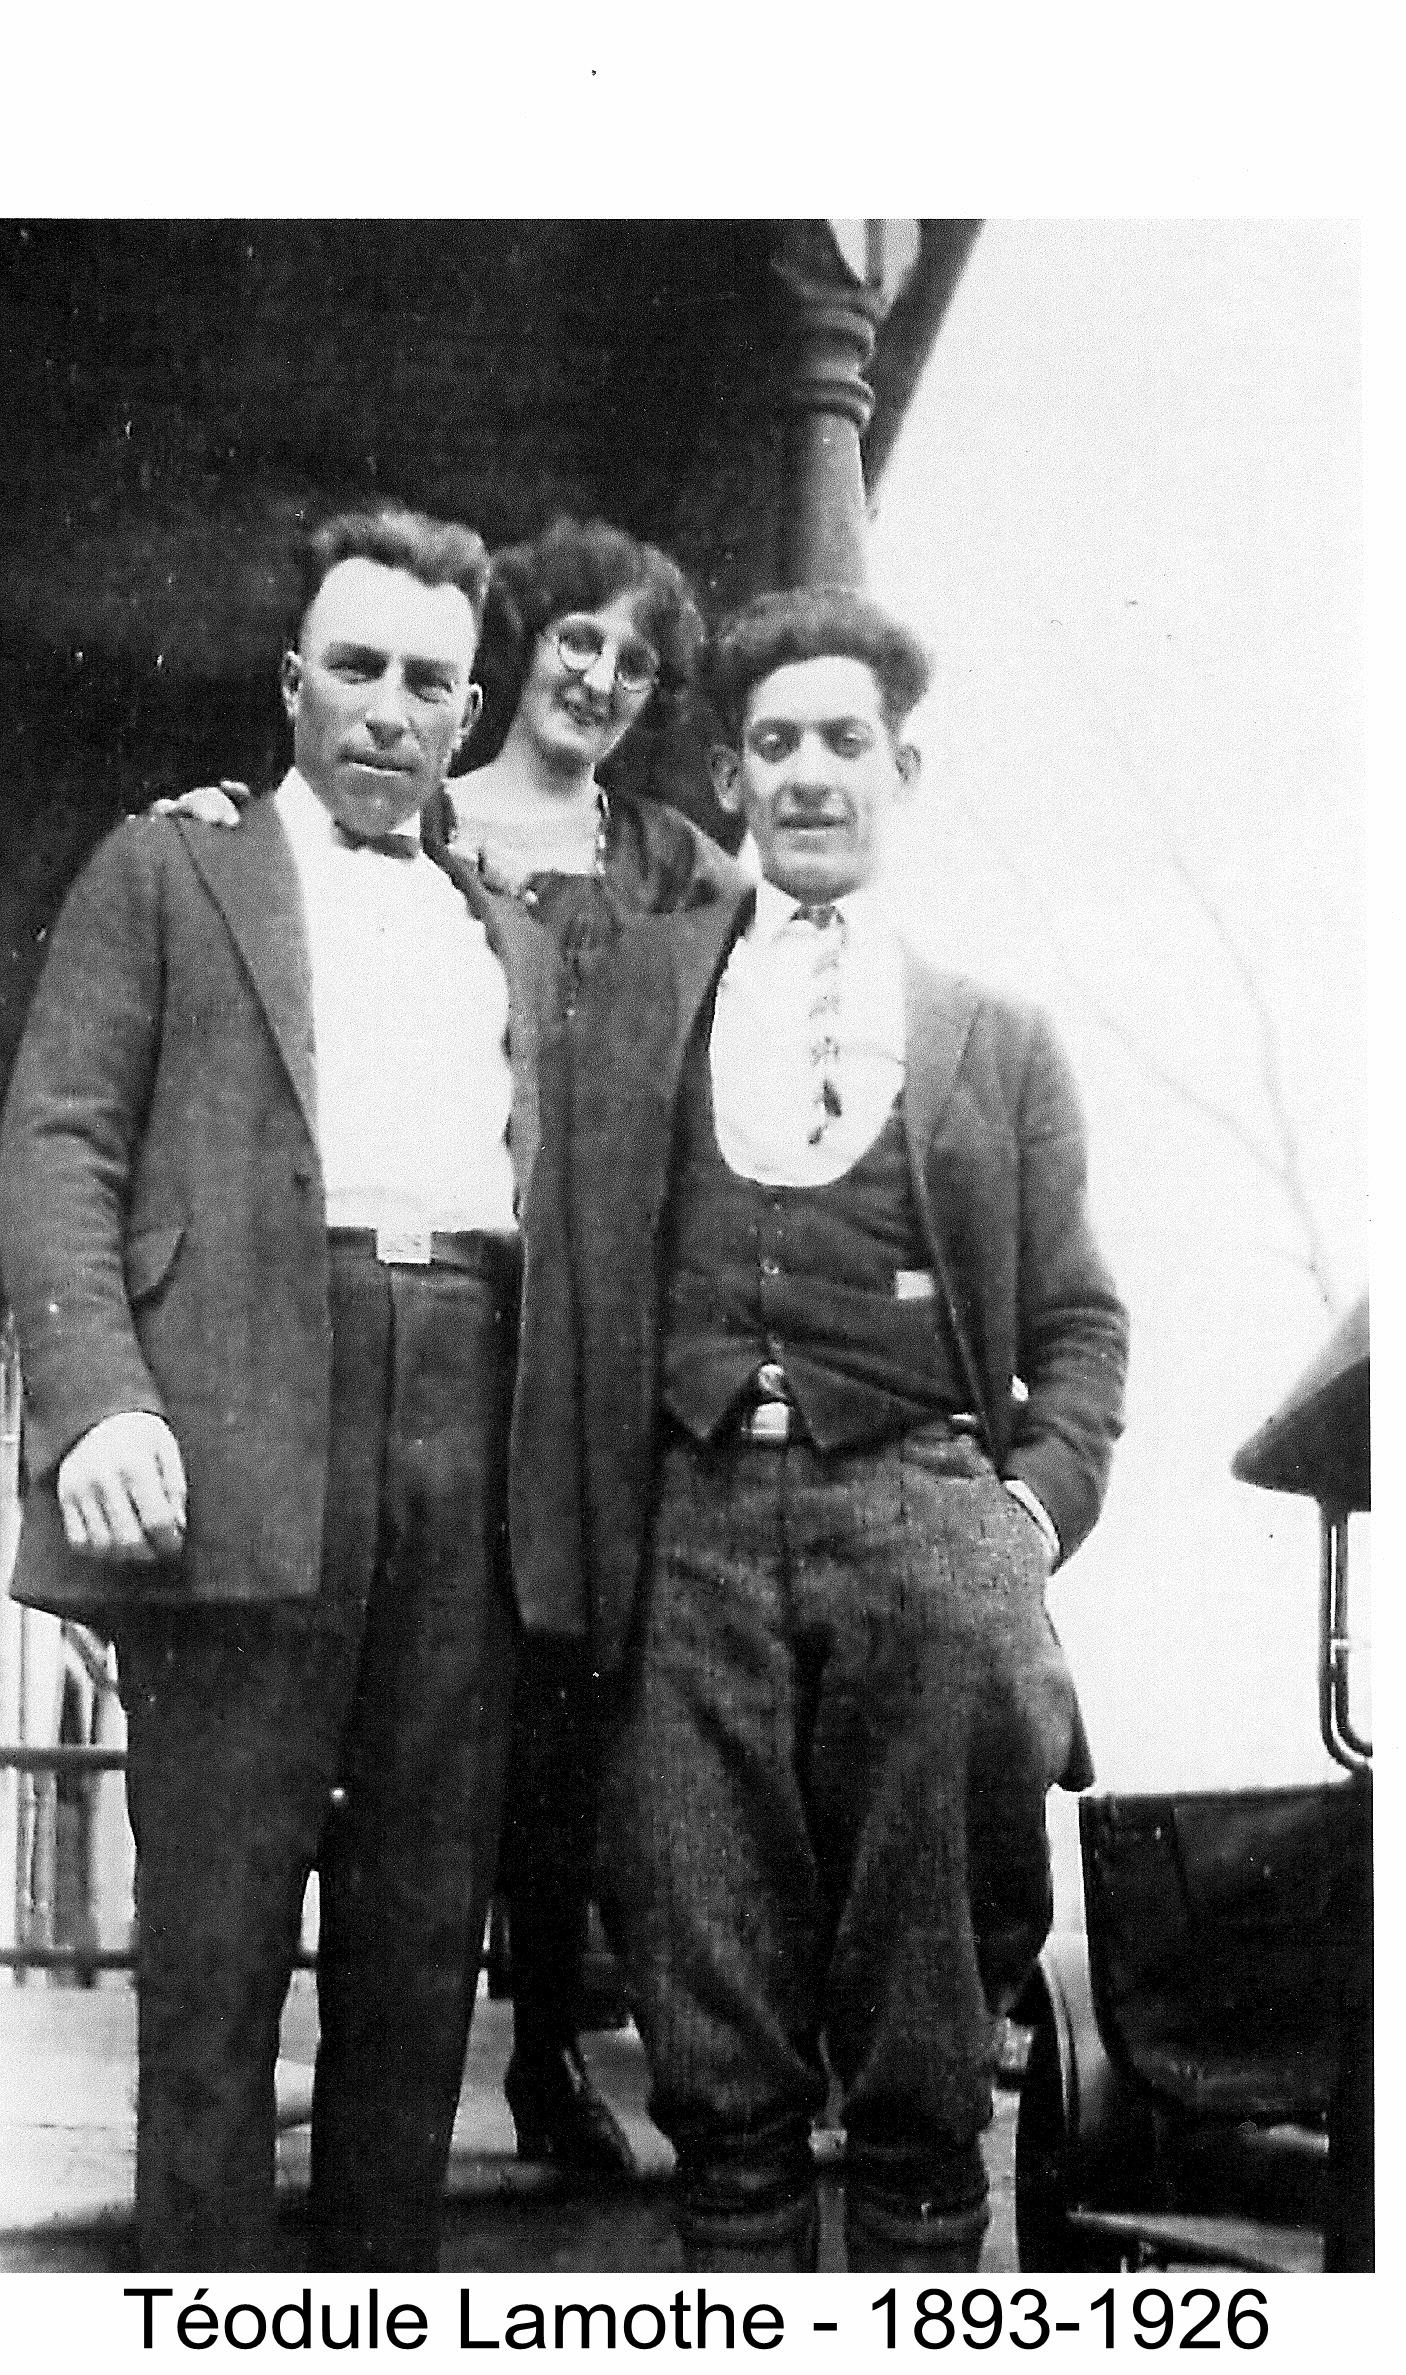 T+®odule_Lamothe_prop._maison_C.Duquette_1893-1926Num+®riser0008